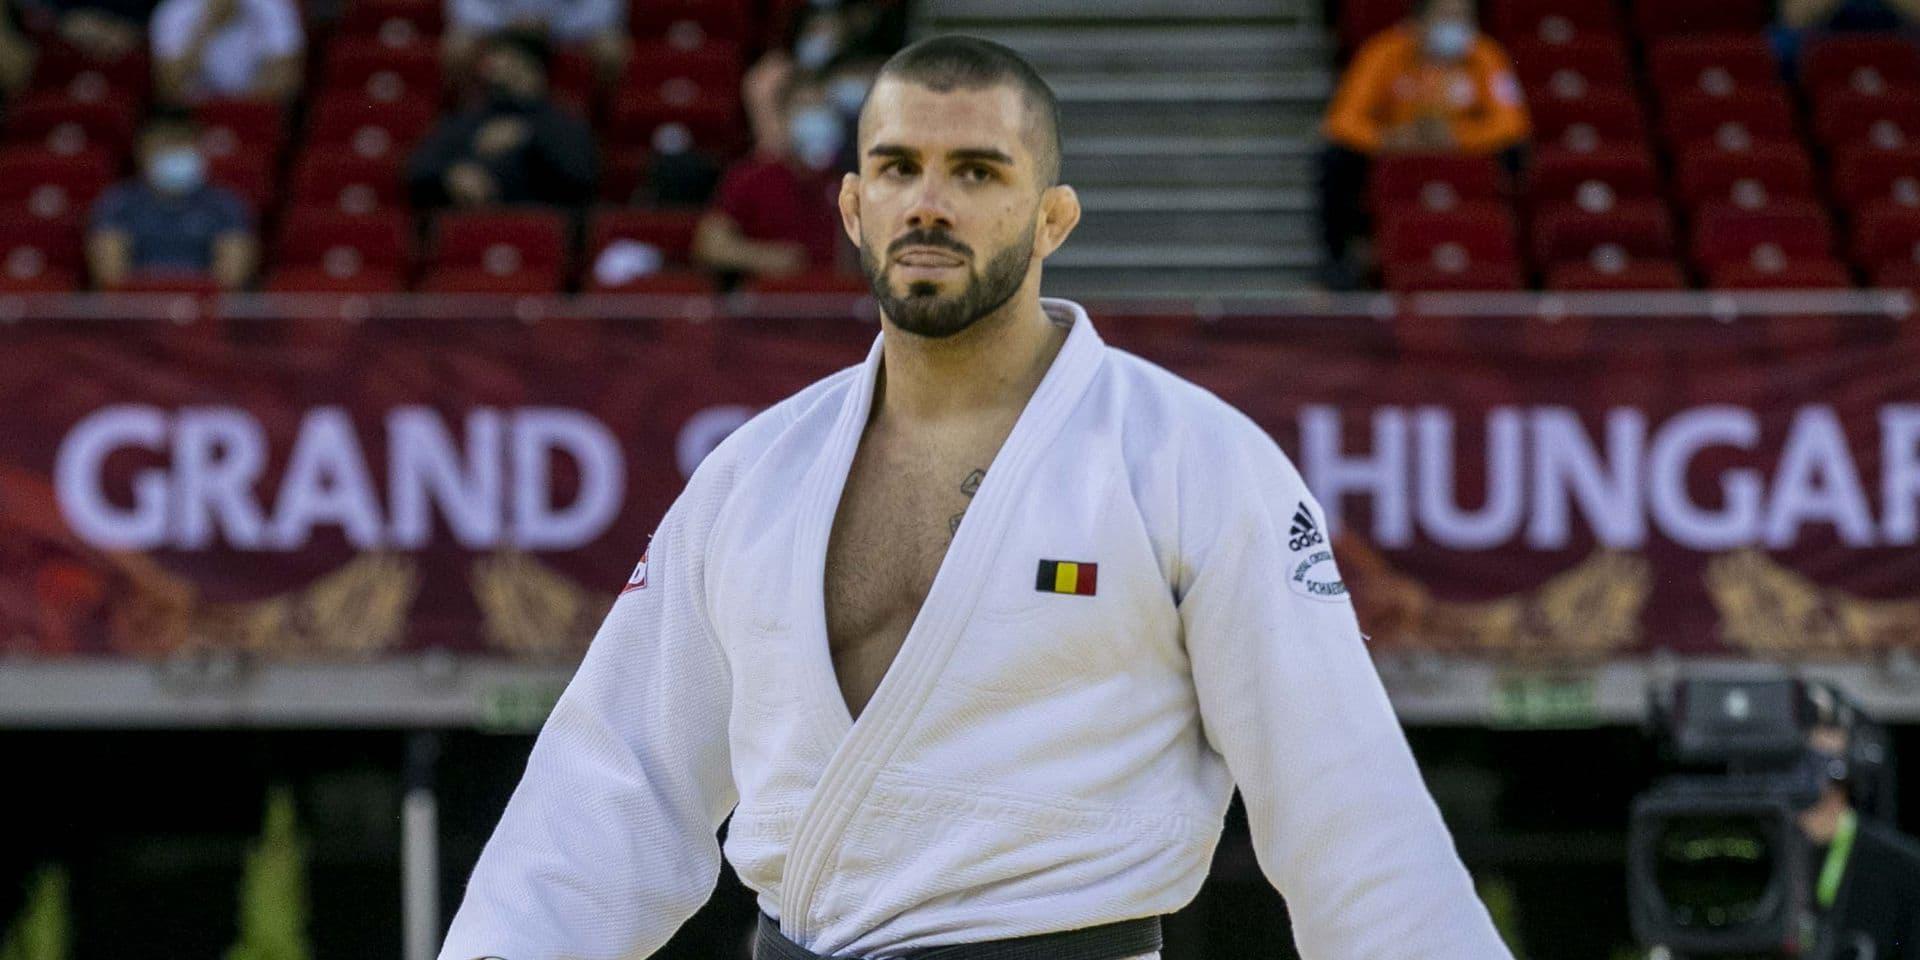 """Toma Nikiforov n'est pas rassasié avec son palmarès : """"J'ai été champion d'Europe, c'est bien. Mais j'en veux plus"""""""